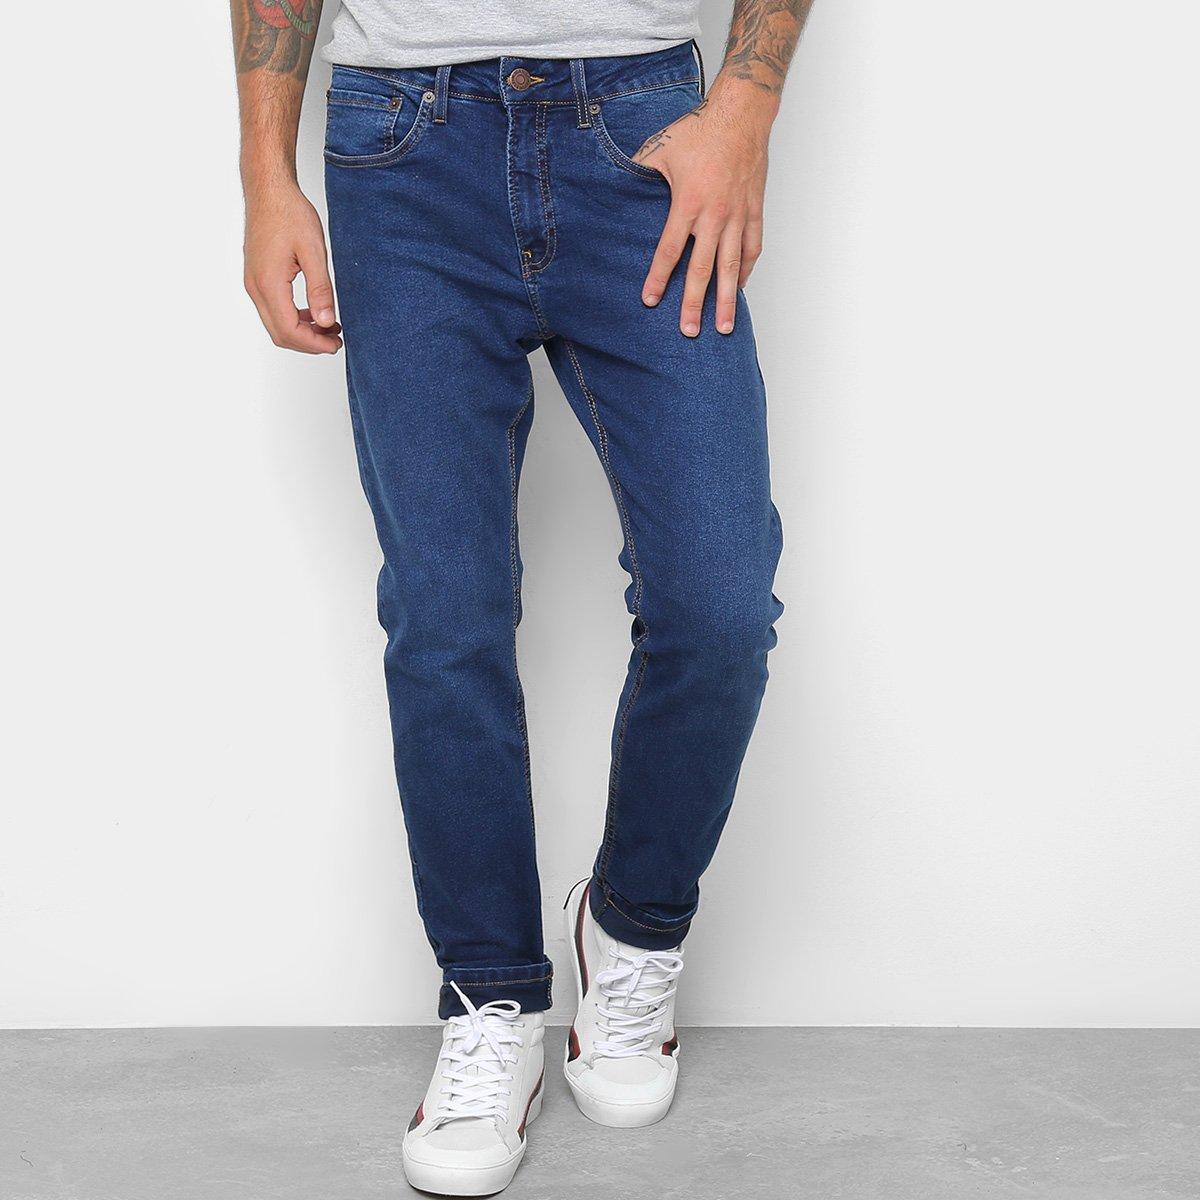 1380dacc2 Calça Jeans Skinny Calvin Klein Five Pockets Masculina